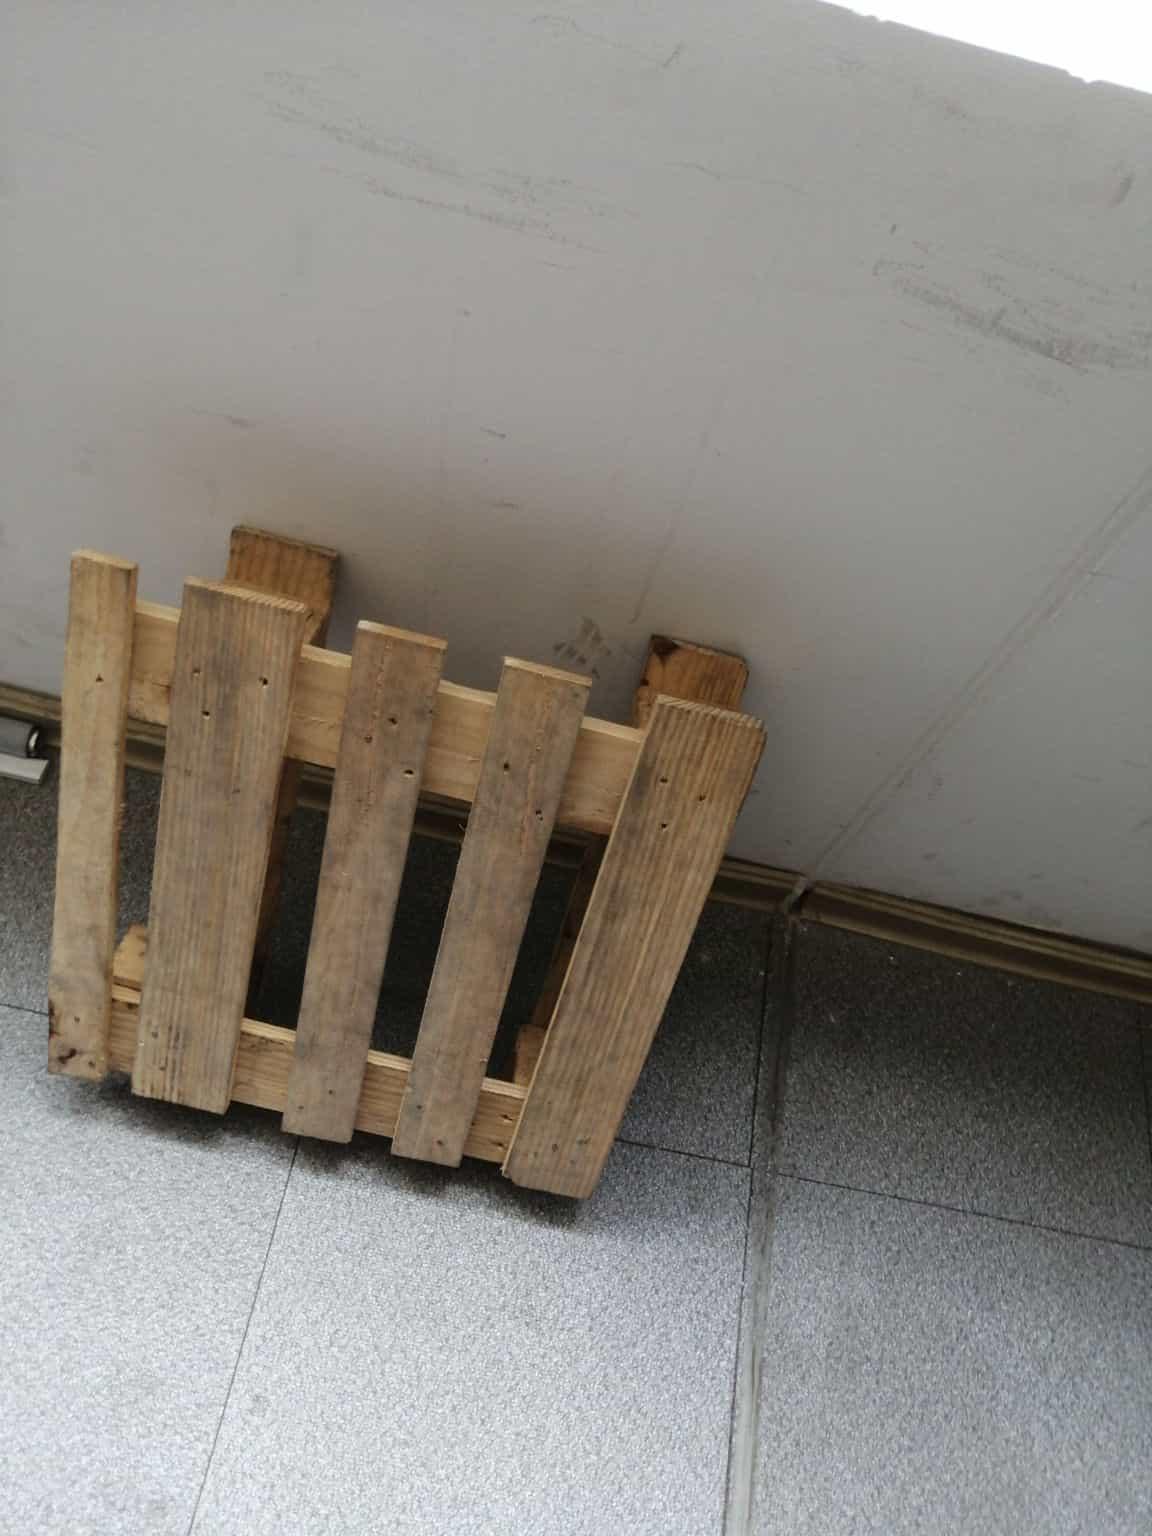 内蒙古出口实木托盘采用先进的?,◥☚◄?压成型工艺以及?, ✯╜?质的